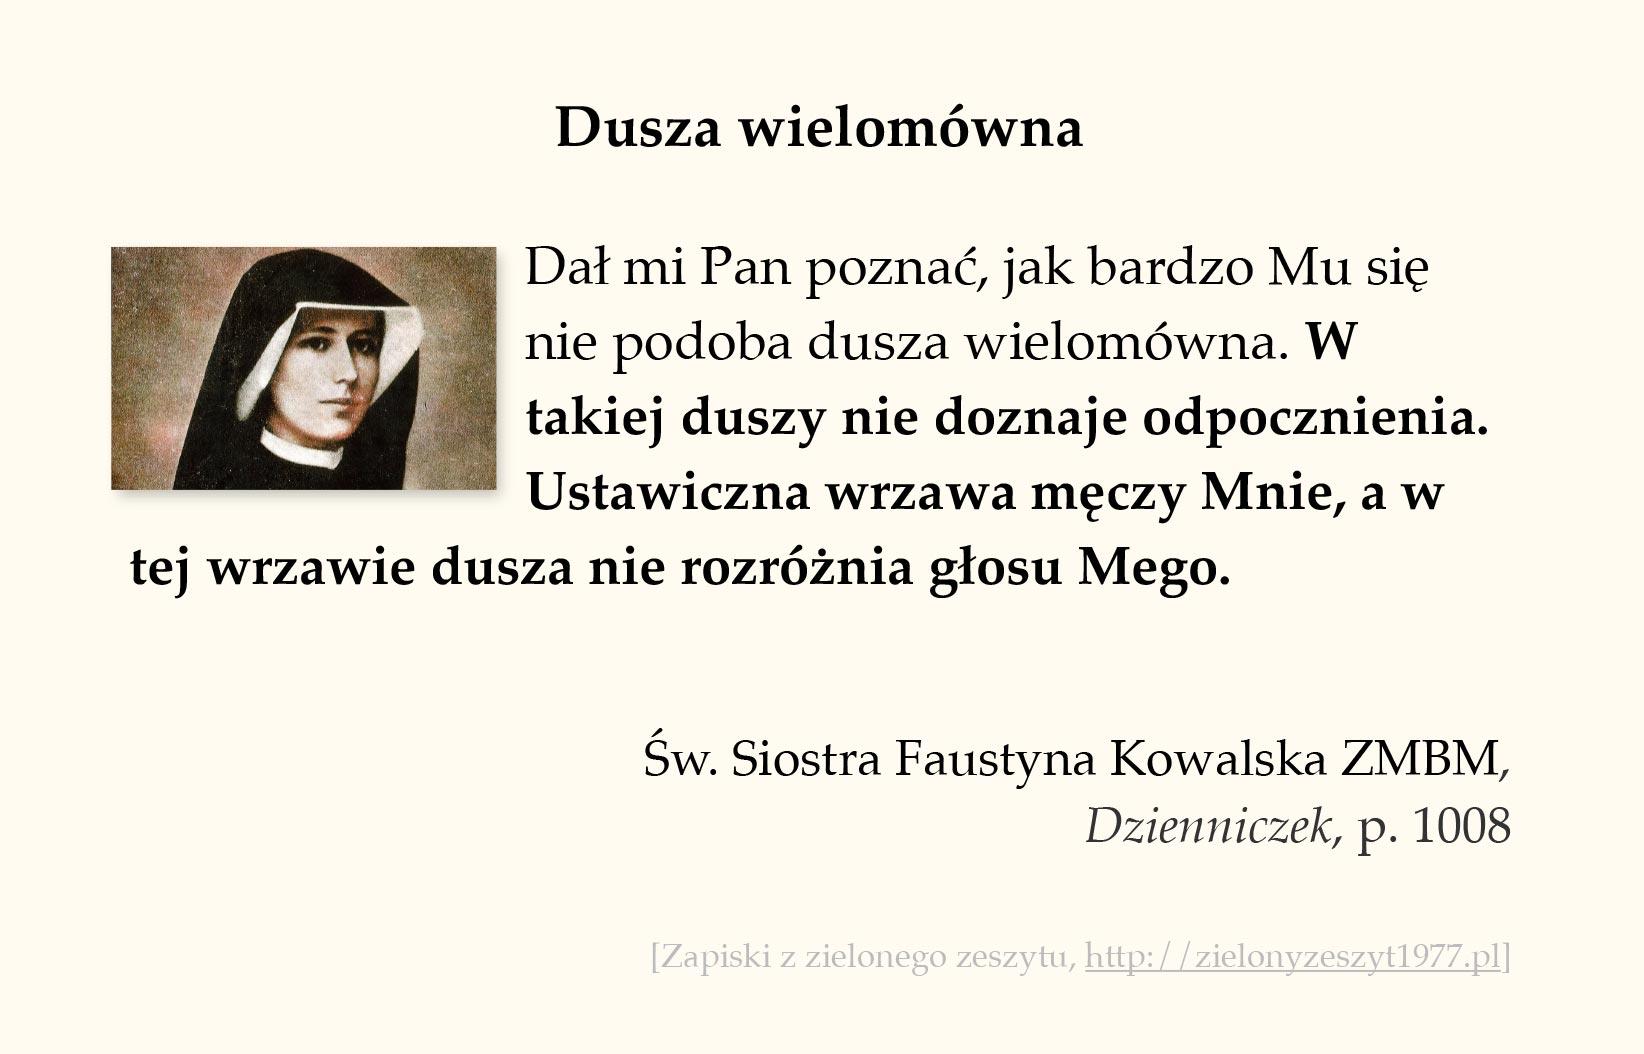 Dusza wielomówna, św. Faustyna Kowalska